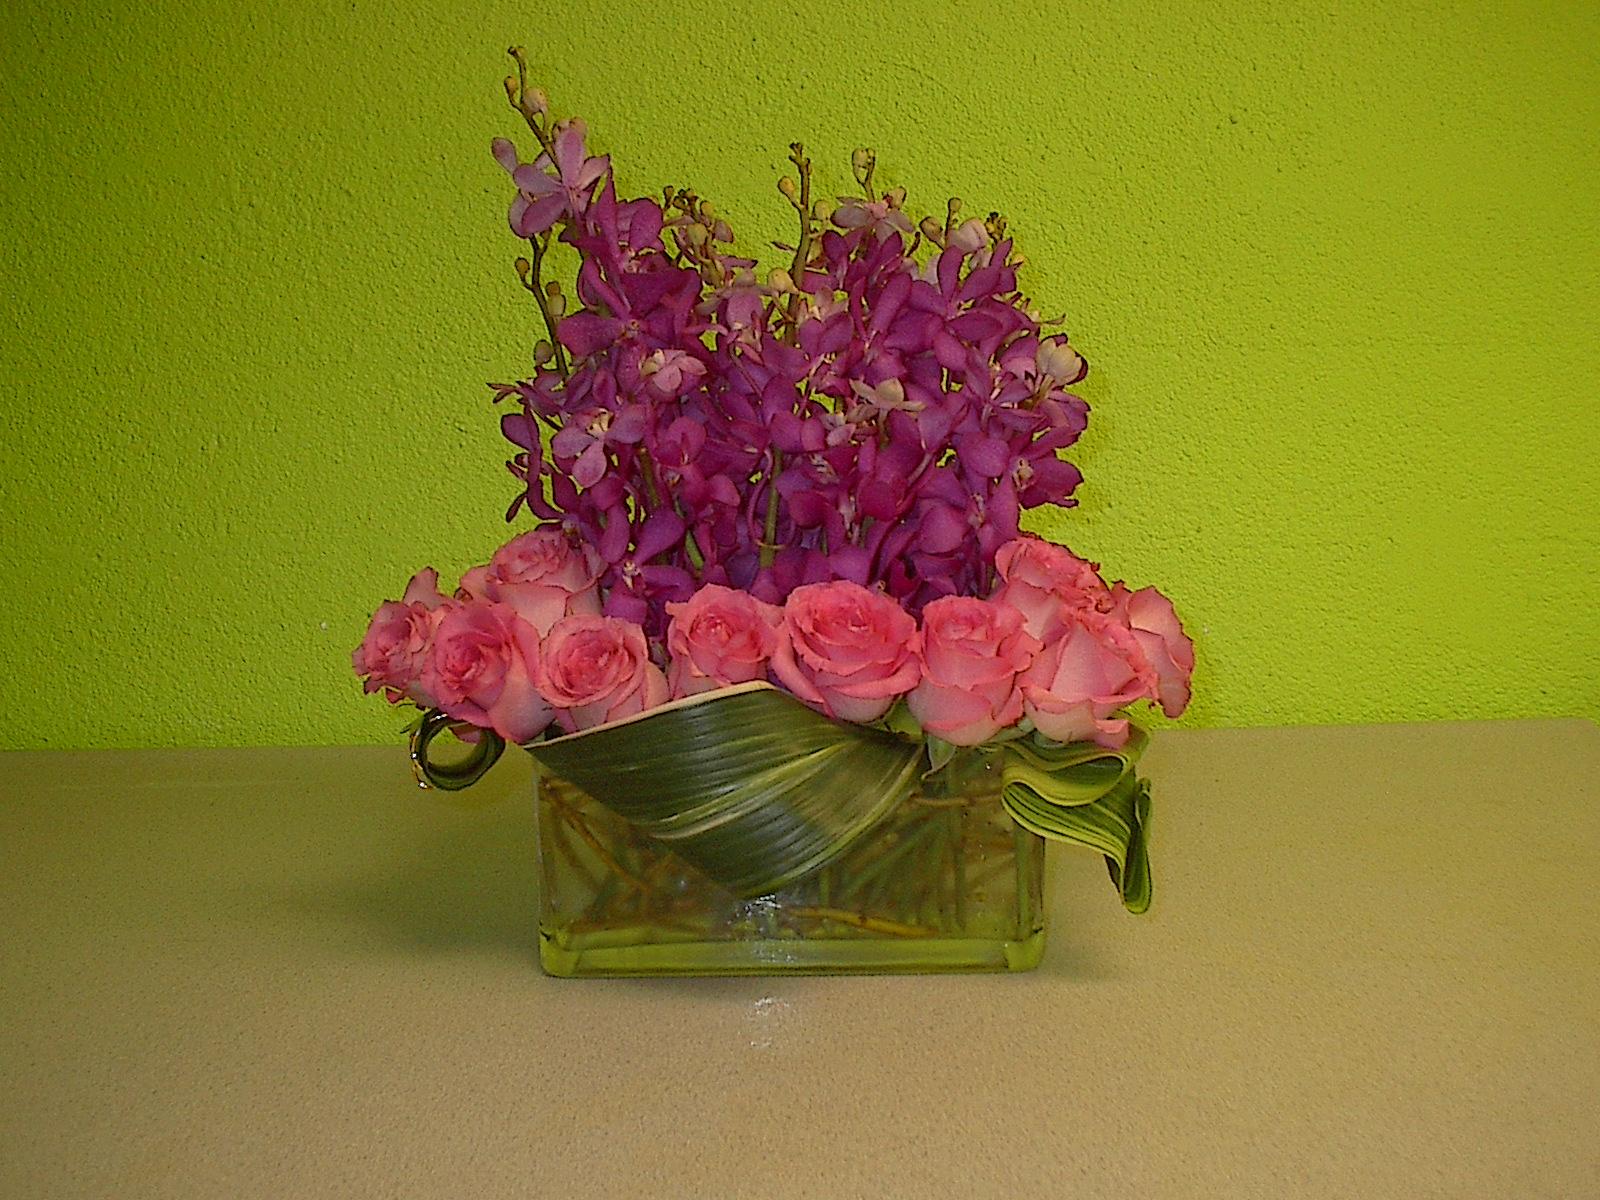 Las Vegas Flowers Premier Event Florists Our Flower